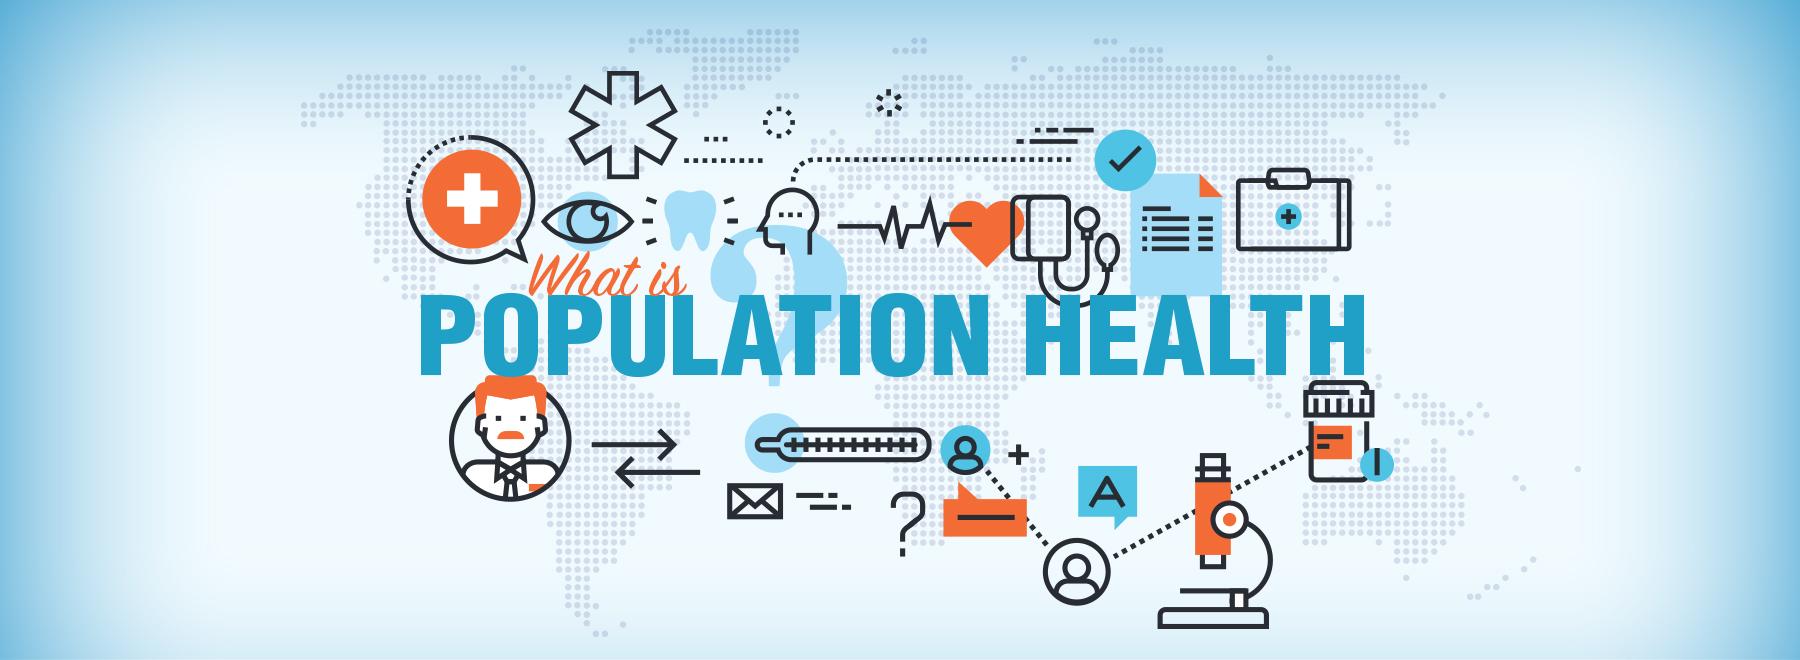 Population Health Data Analyst Jobs Resumes Free Best